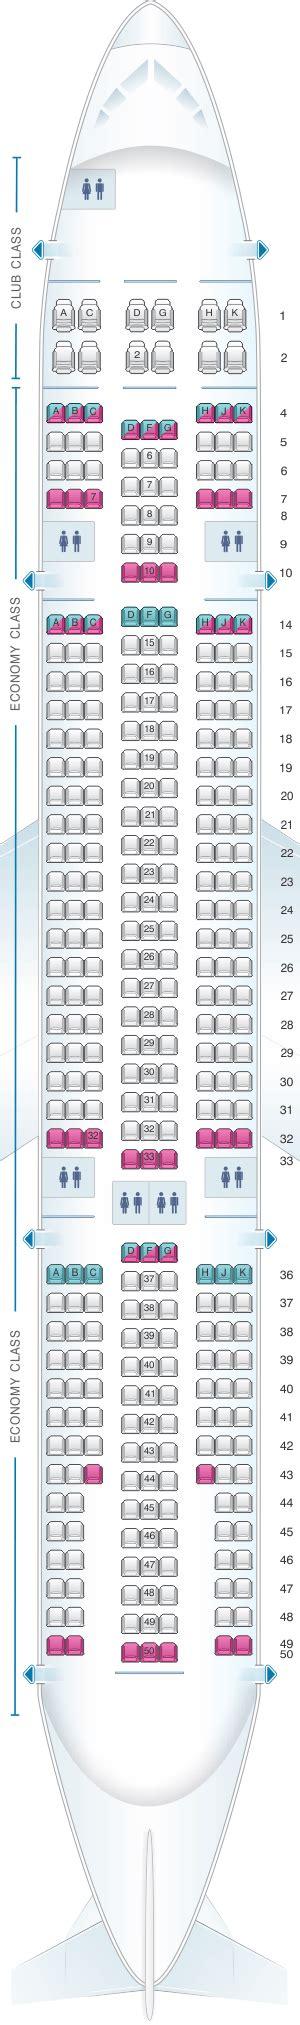 air transat selection de siege air transat seat selection map brokeasshome com